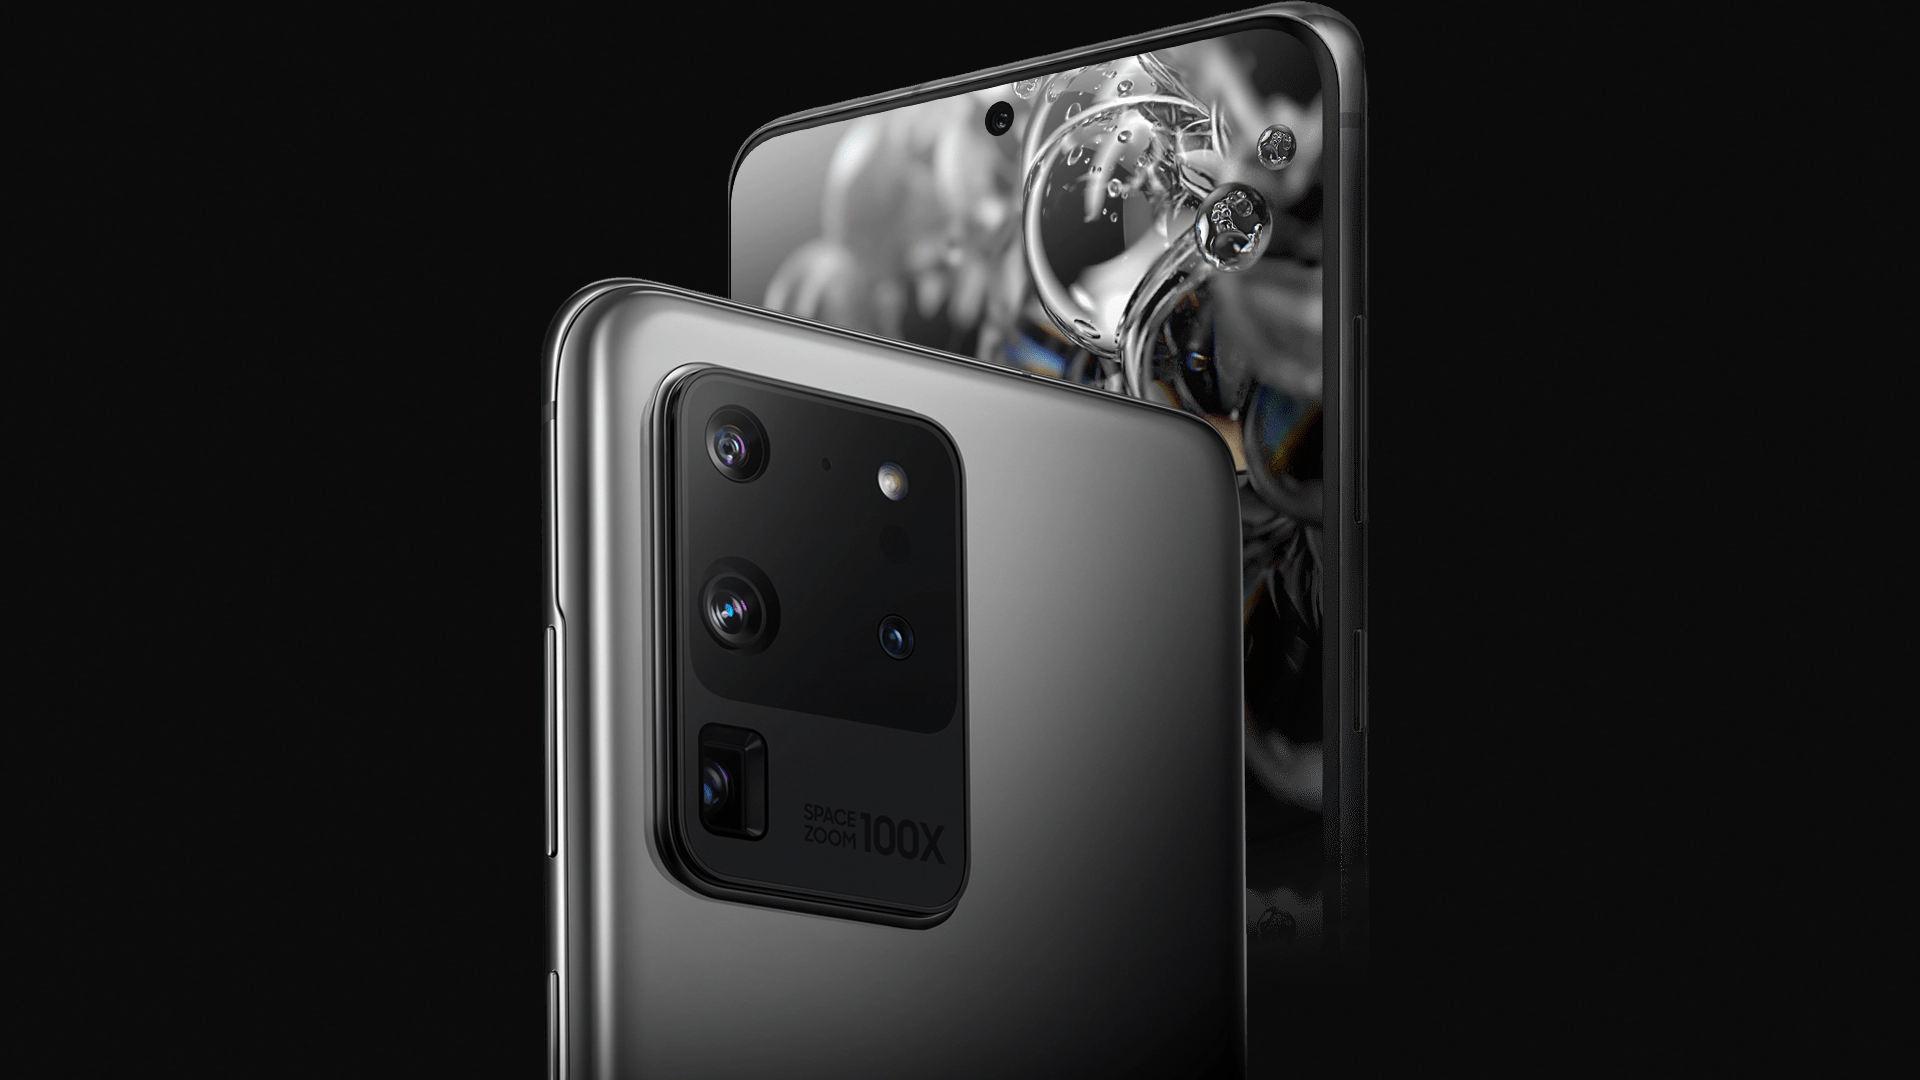 reklama Samsung Galaxy S20 Ultra 5G aparat sensor ISOCELL Bright HM1 specyfikacja dane techniczne ładowanie jaka ładowarka